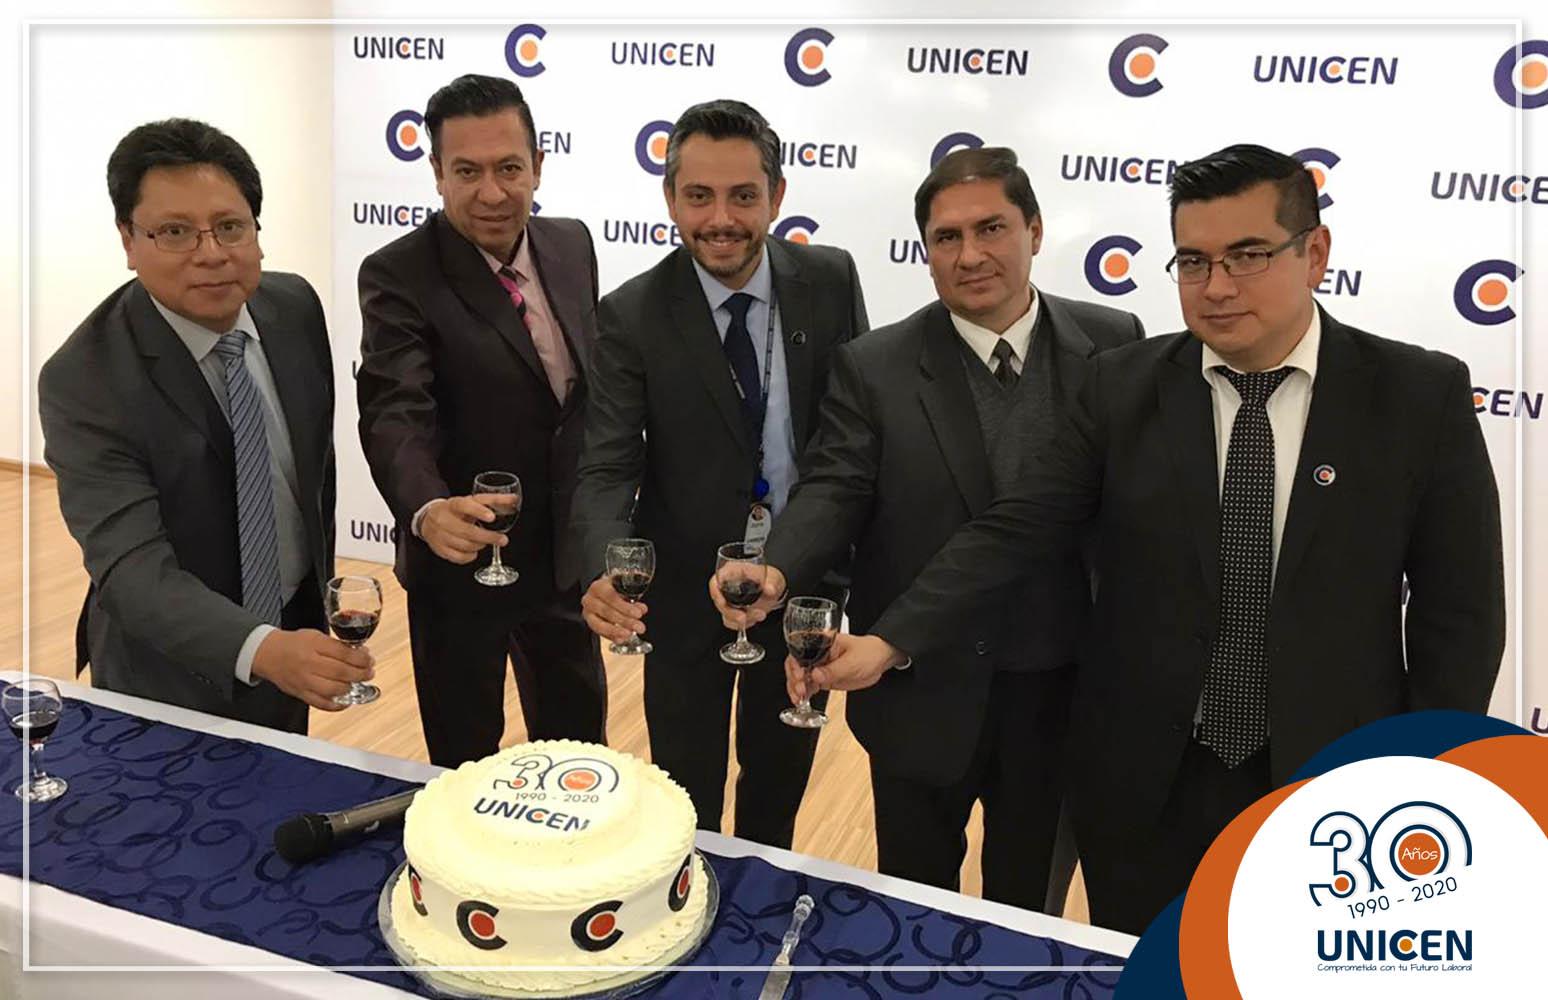 Conmemoramos los 30 años de vida institucional de UNICEN